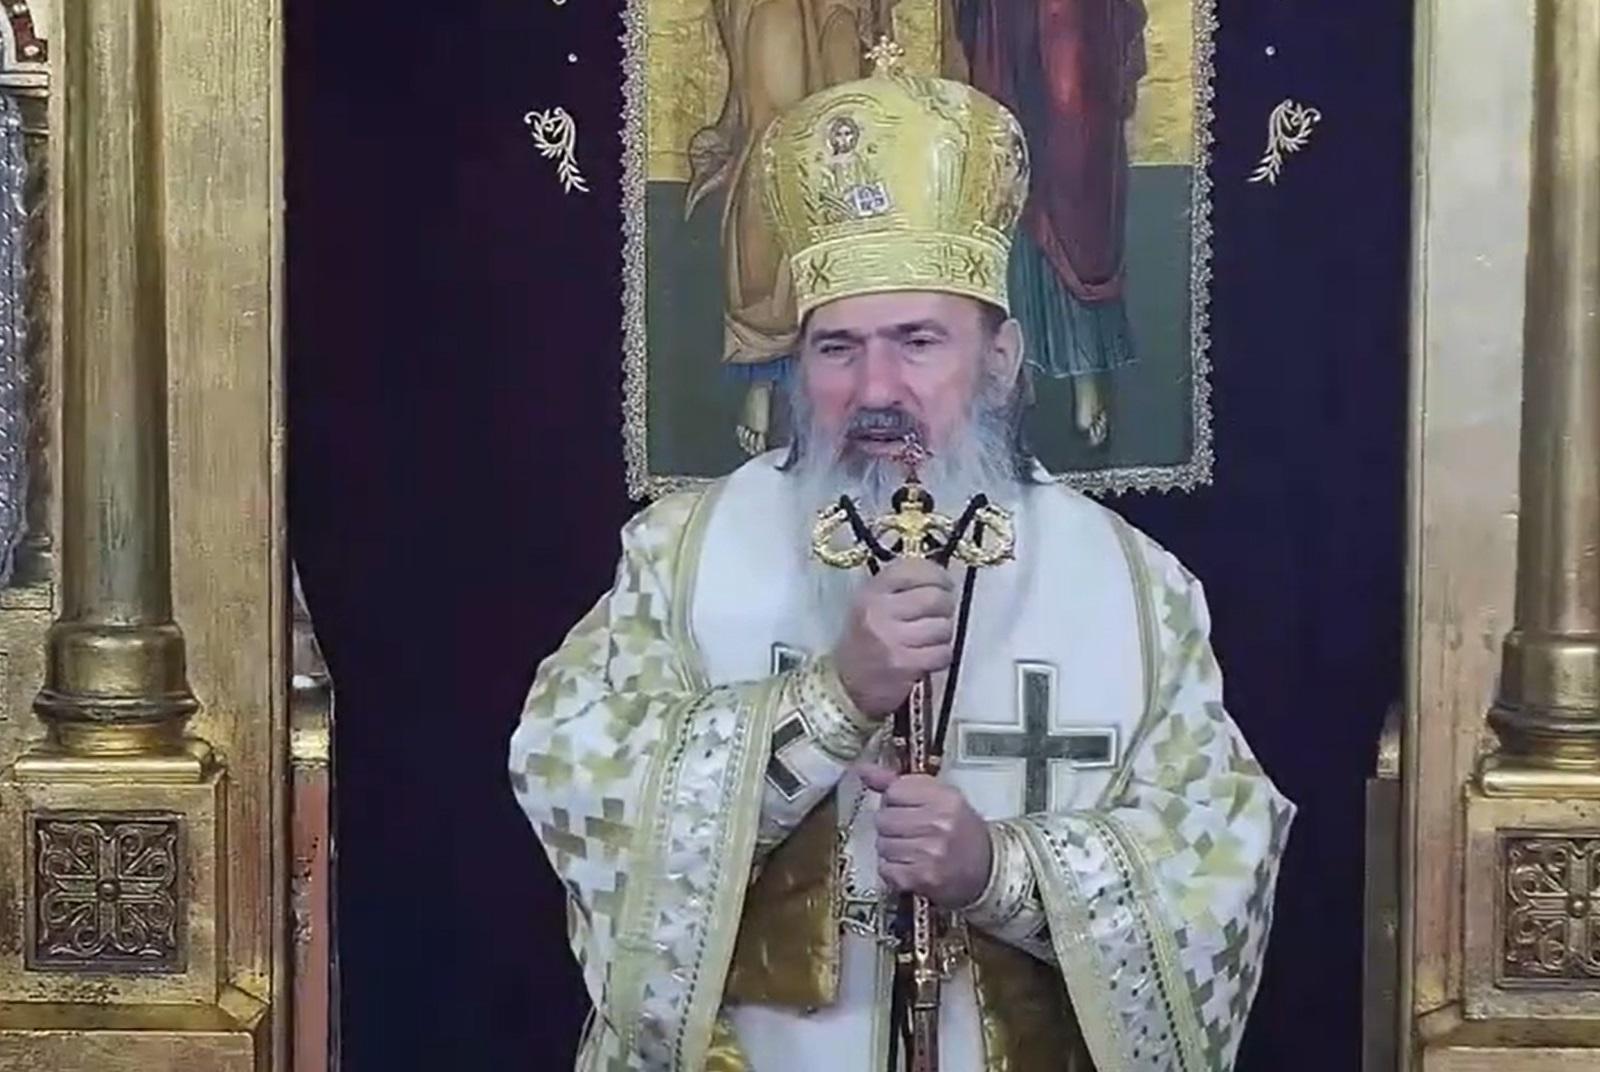 ÎPS Teodosie: Biserica nu se va închide, că nu e a autorităților vremelnice, ci a lui Dumnezeu